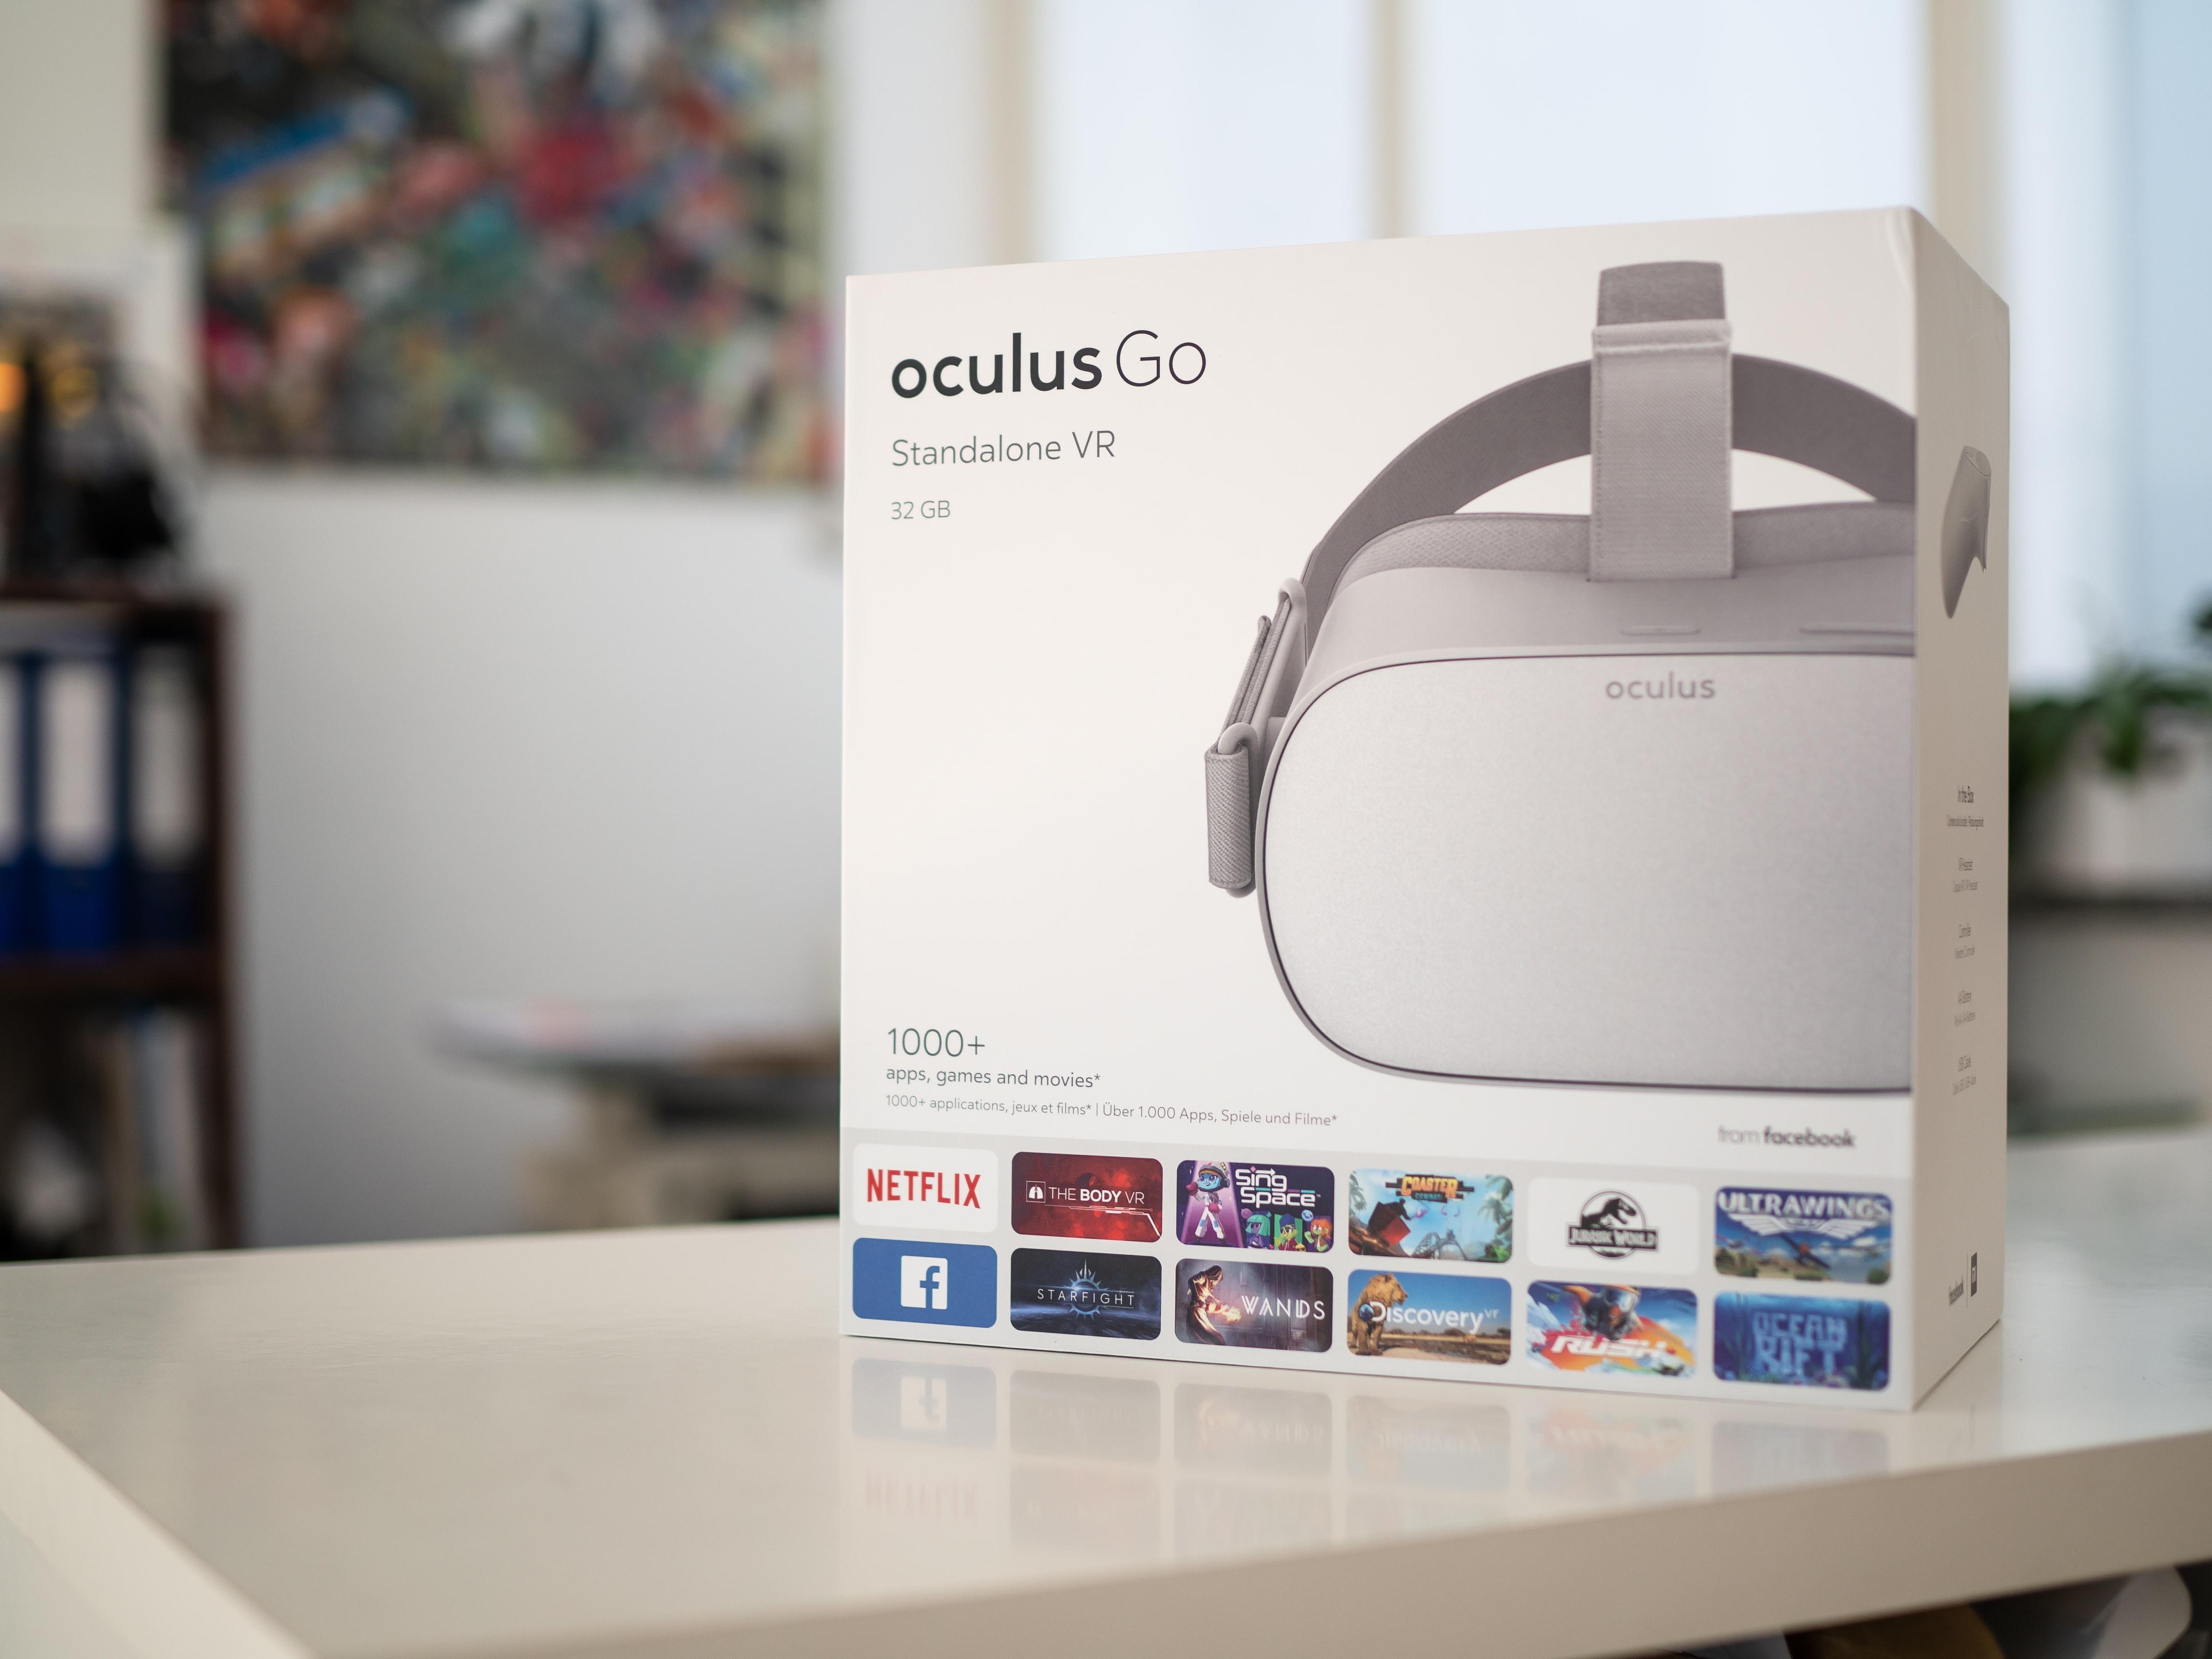 Oculus Go packaging; image by Marc Mueller, via Unsplash.com.